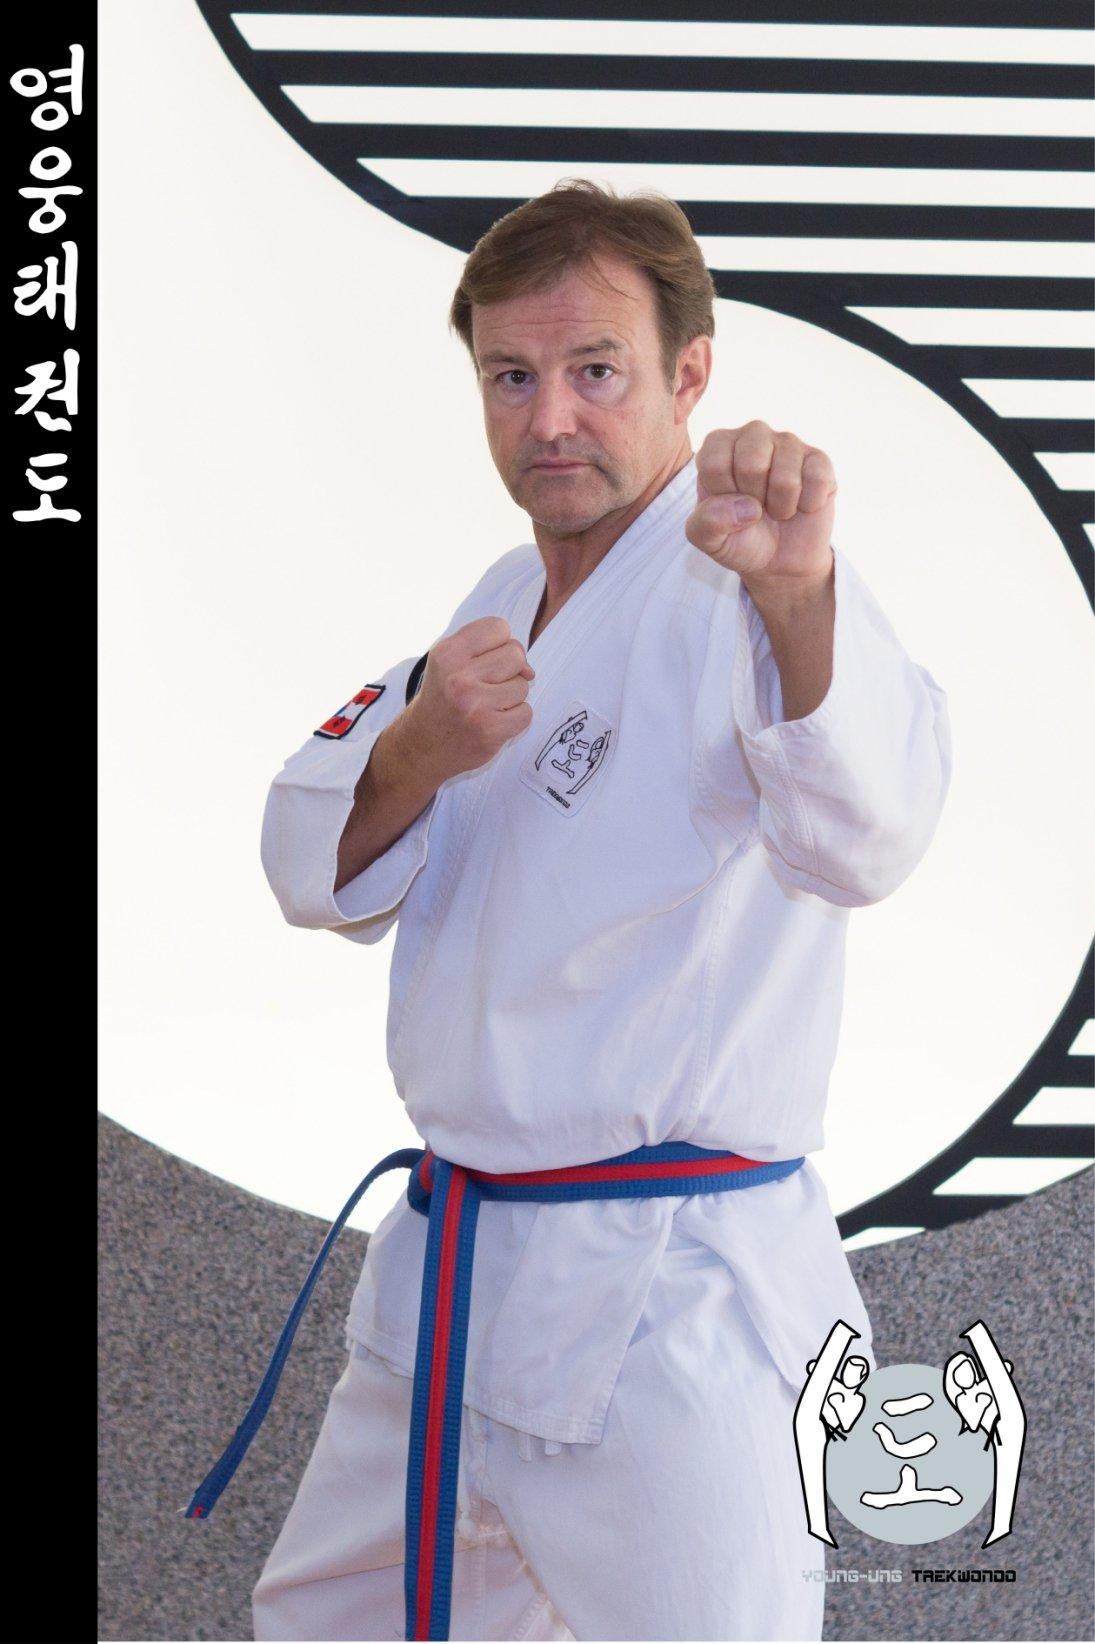 Taekwondo-Trainer mittleren Alters in Taekwondo Pose aus Zweigstelle 2380 Perchtoldsdorf